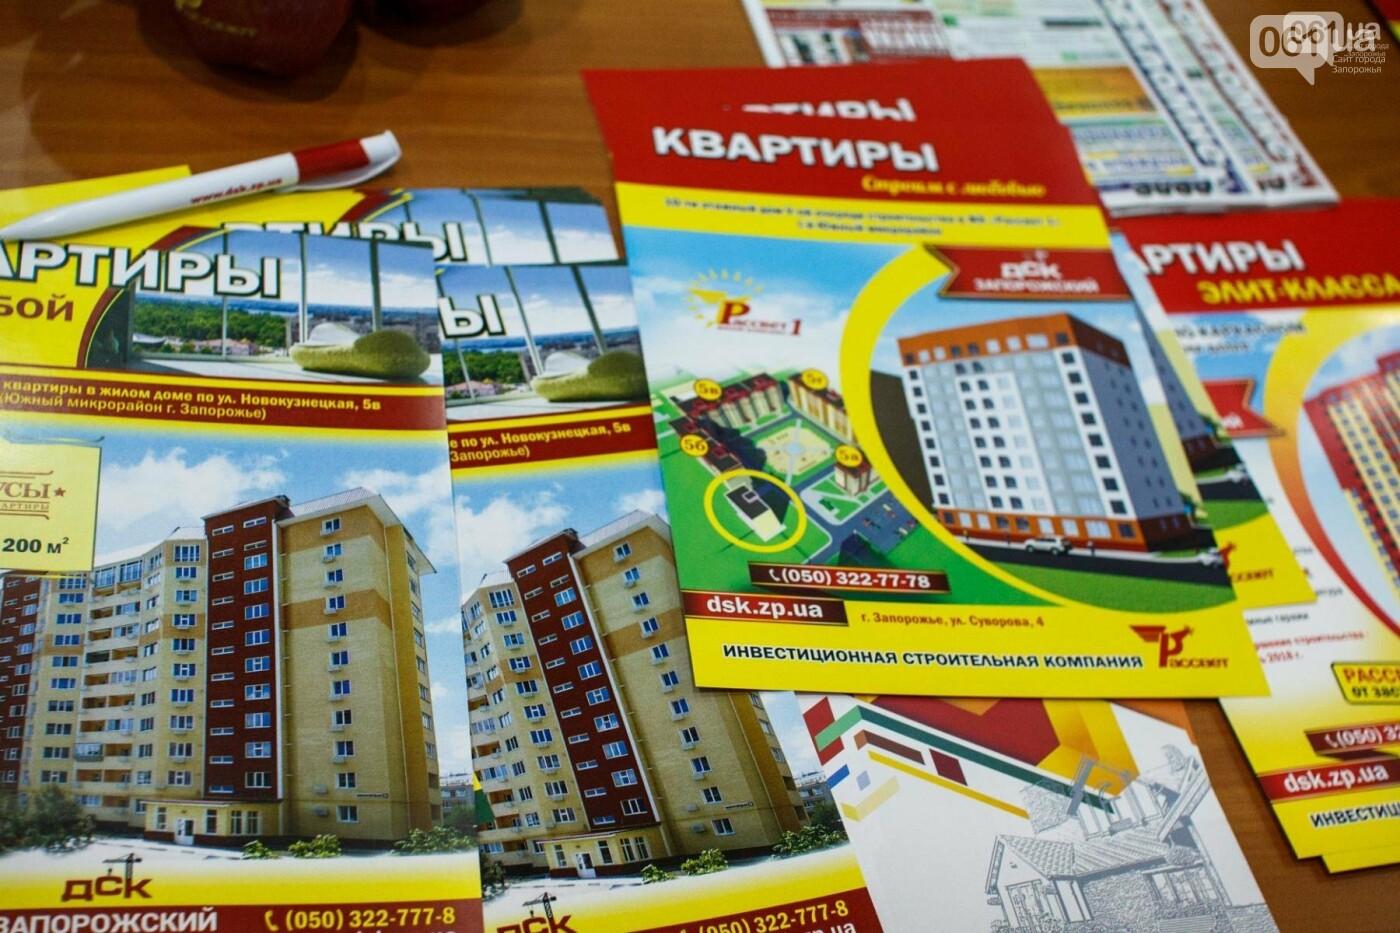 «Домик твоей мечты»: Запорожский домостроительный комбинат вместе с Фондом молодежного строительства объявляет конкурс детского рисунка, фото-2